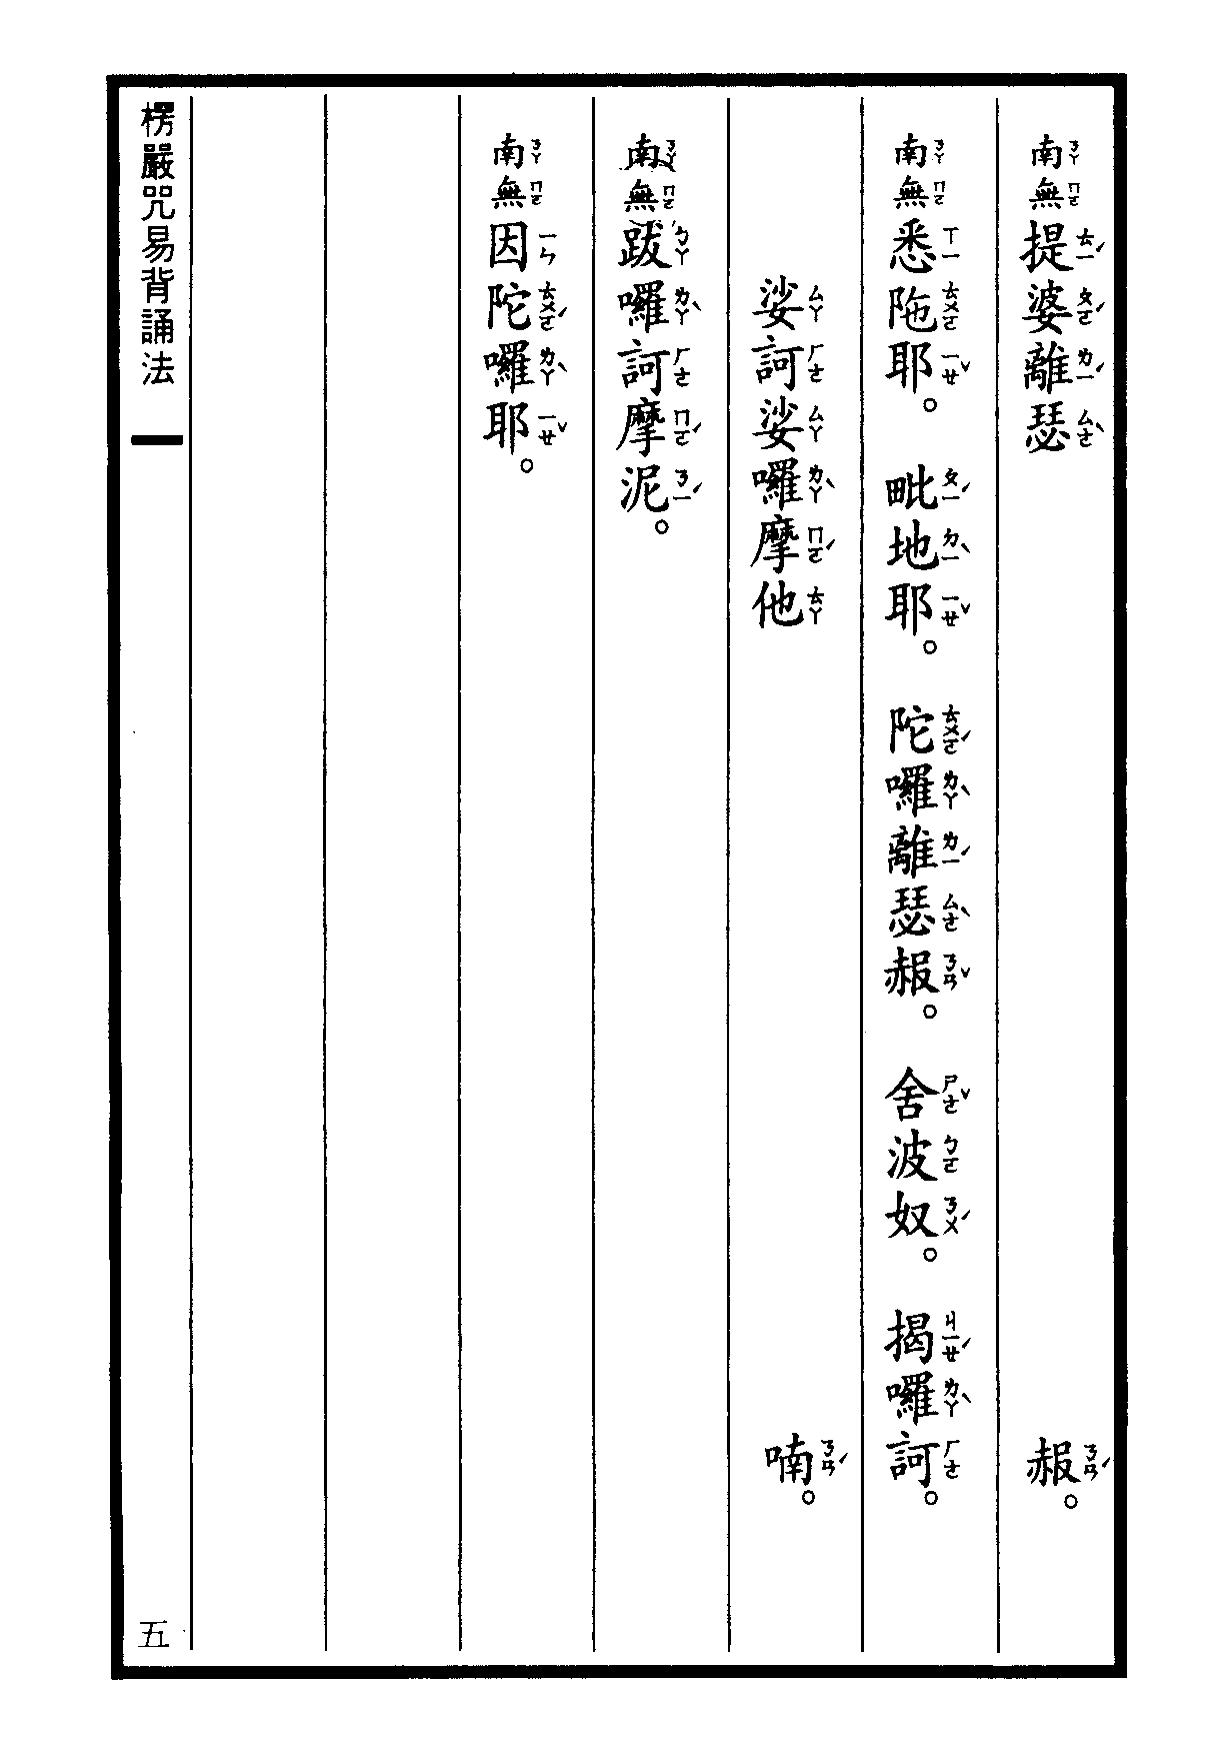 楞嚴咒-大悲咒-十小咒-易背本 11.png